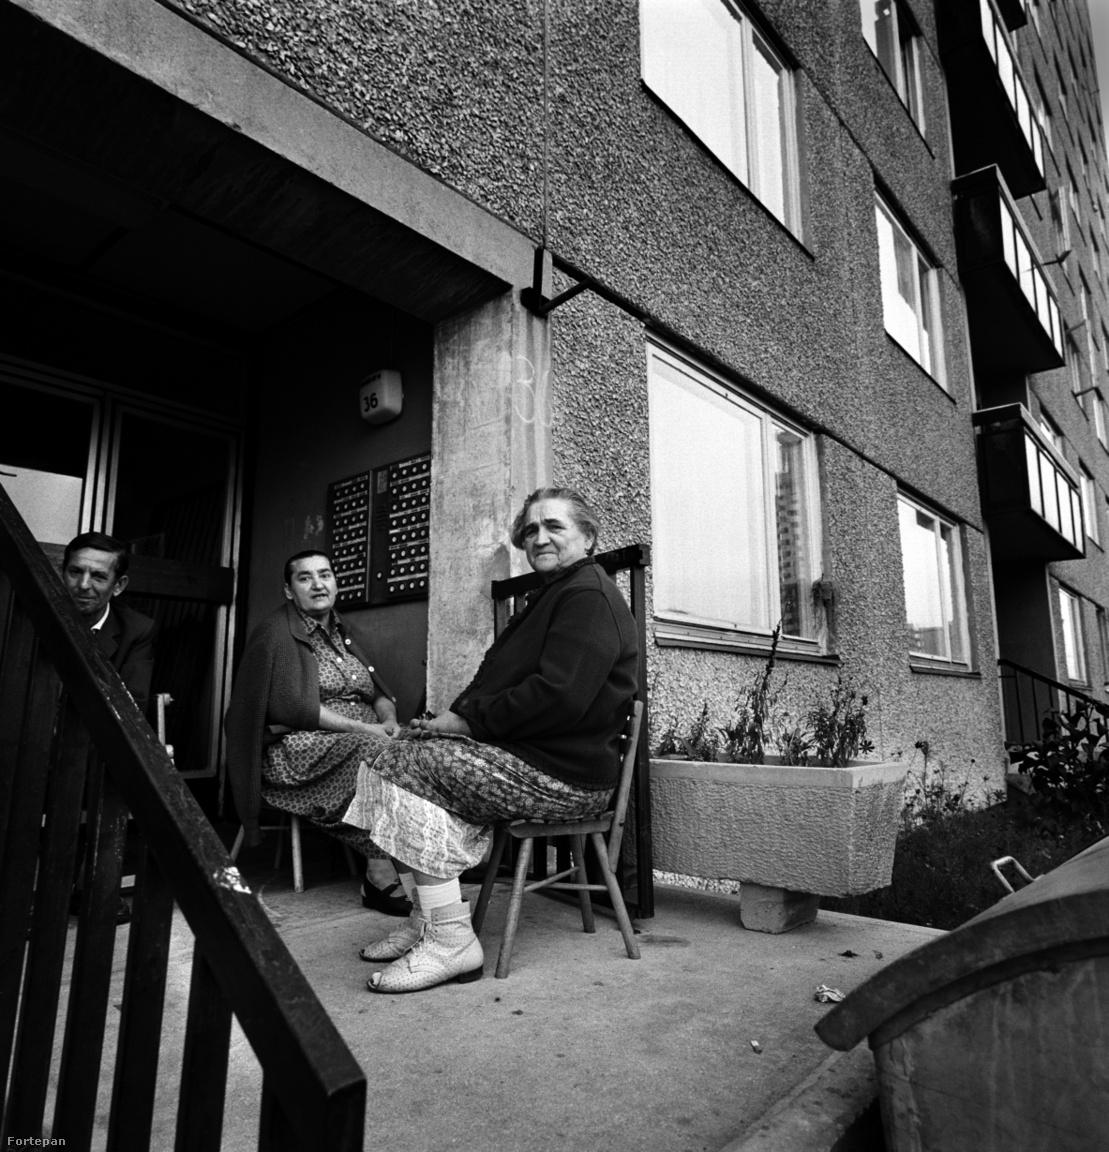 A lakótelepre sokan vidékről költöztek be, akik, főleg az idősebbek megpróbálták a falun kialakított életüket folytatni a betontengerben: nevelték a muskátlikat az erkélyeken és diskuráltak a kapuban. A fiatalabbaknak erre nem nagyon volt ideje, néha még az egy szinten lakók sem ismerték nagyon egymást. Horváth Péter szerint pedig idővel a képen látható találkák is megszűntek.